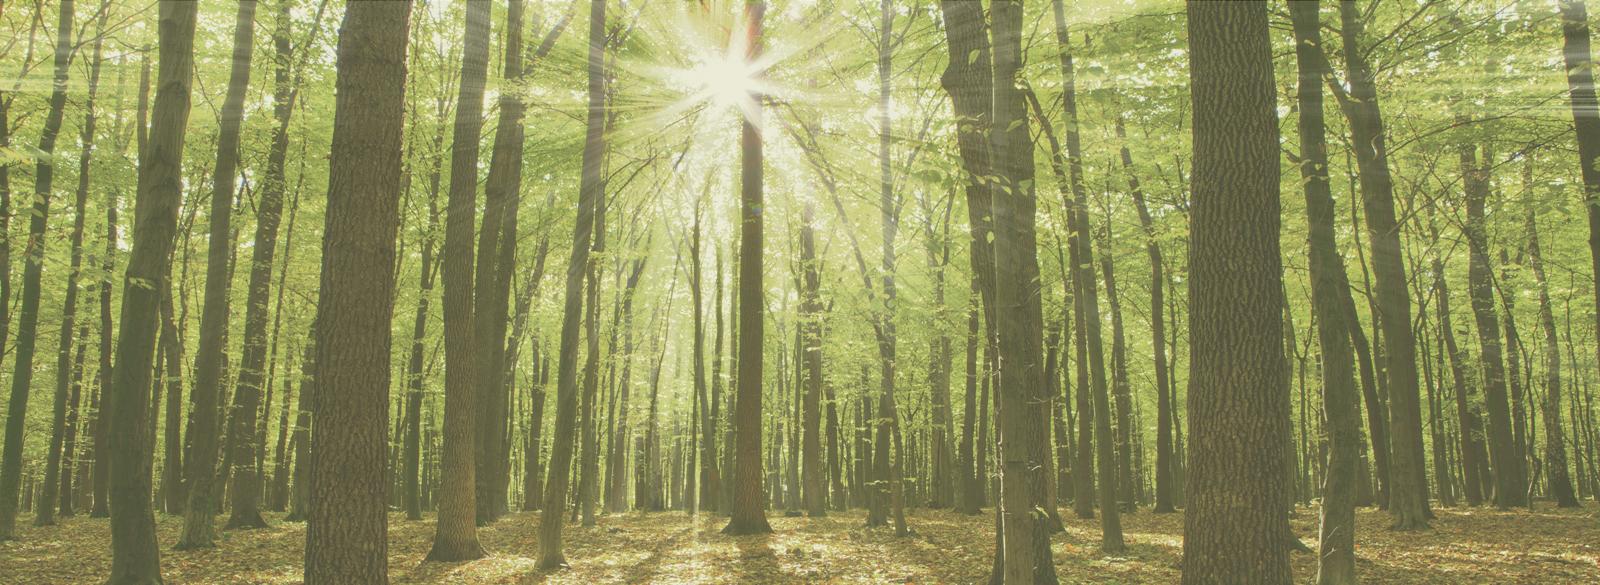 light-thru-trees-for-site